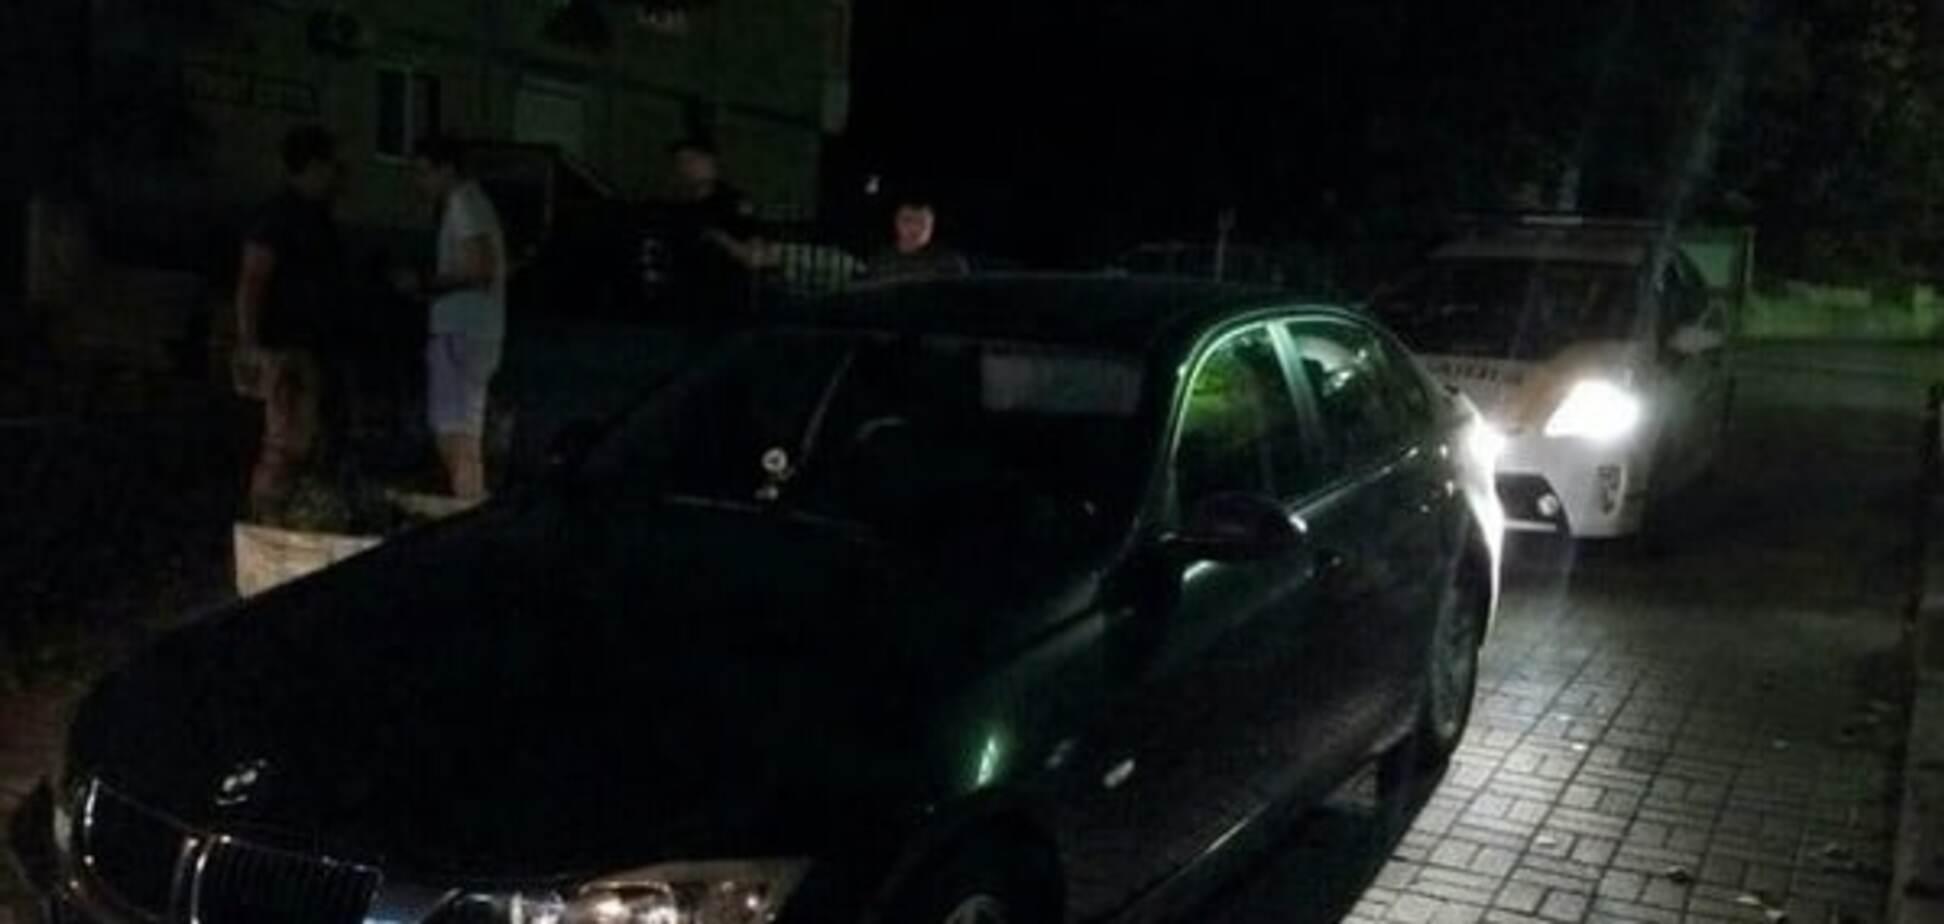 У Києві затримали п'яного хлопця на 'маминому BMW'